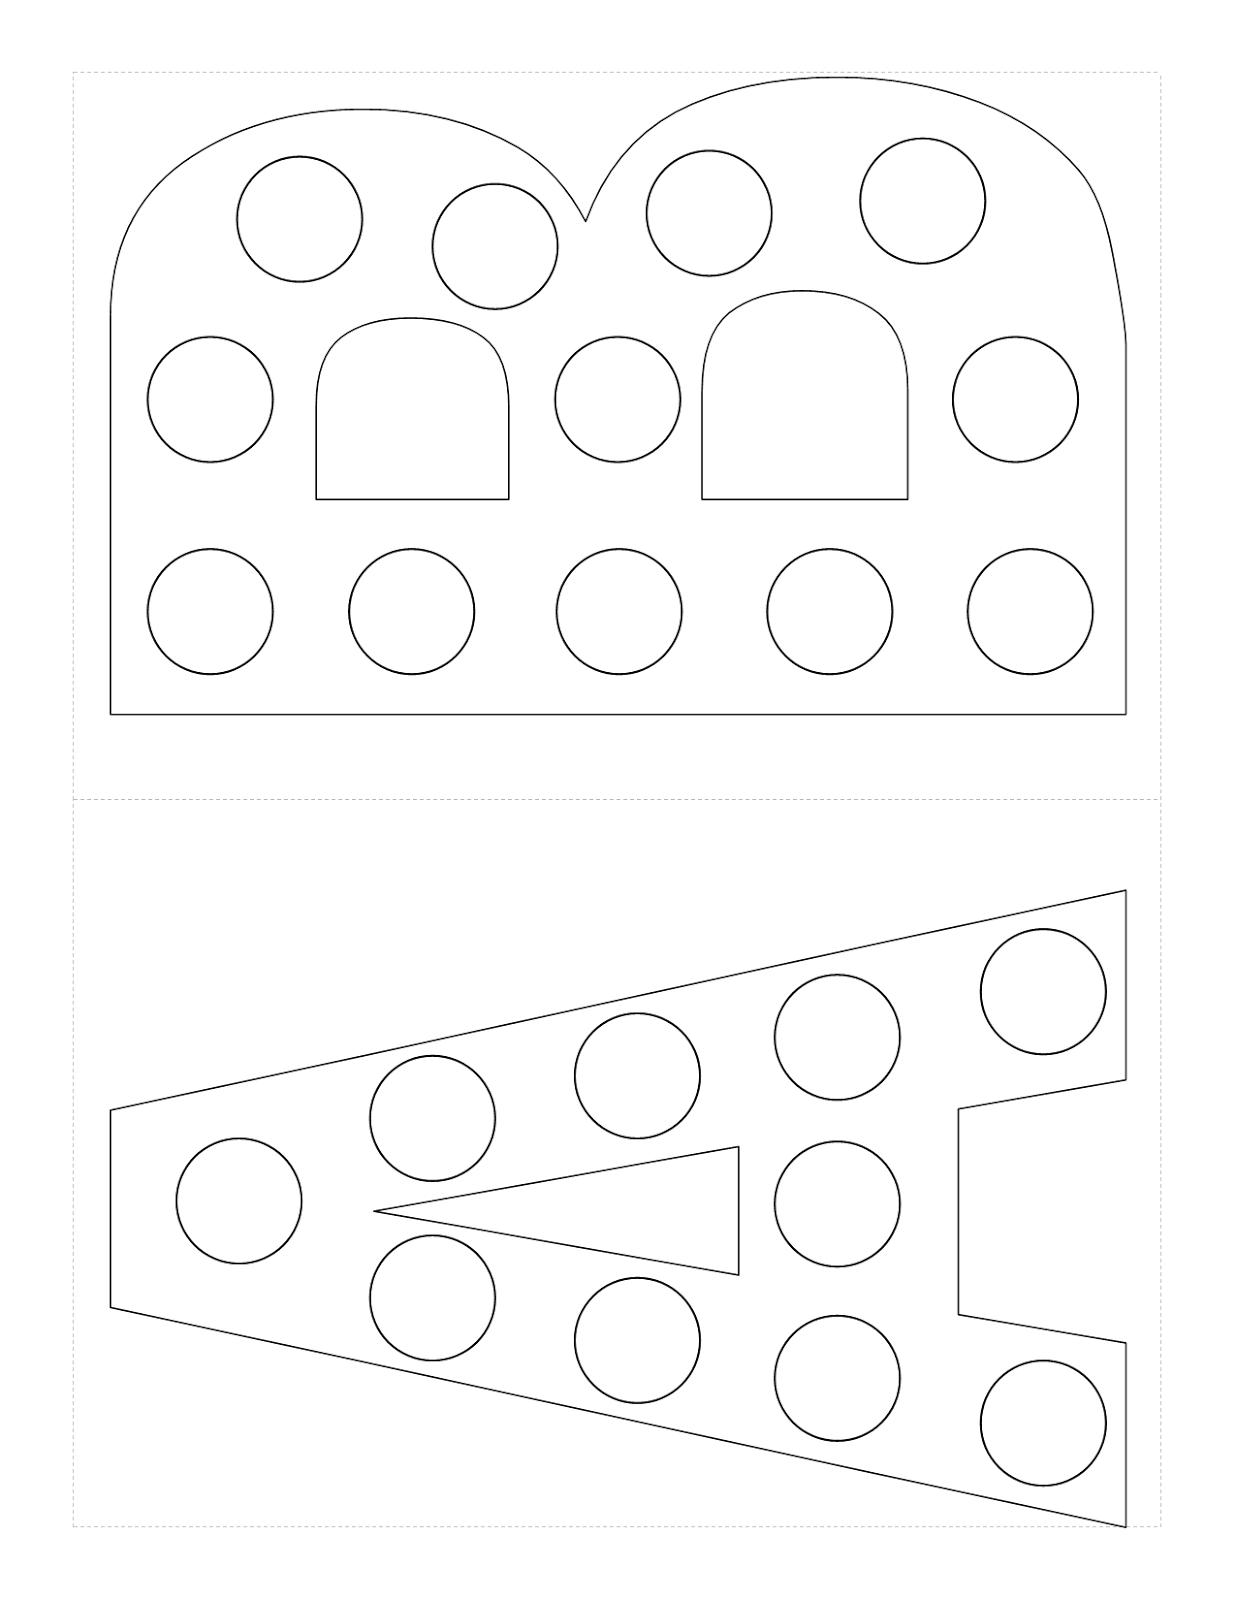 Bingo Dauber Letter C Worksheets For Preschoolers Bingo